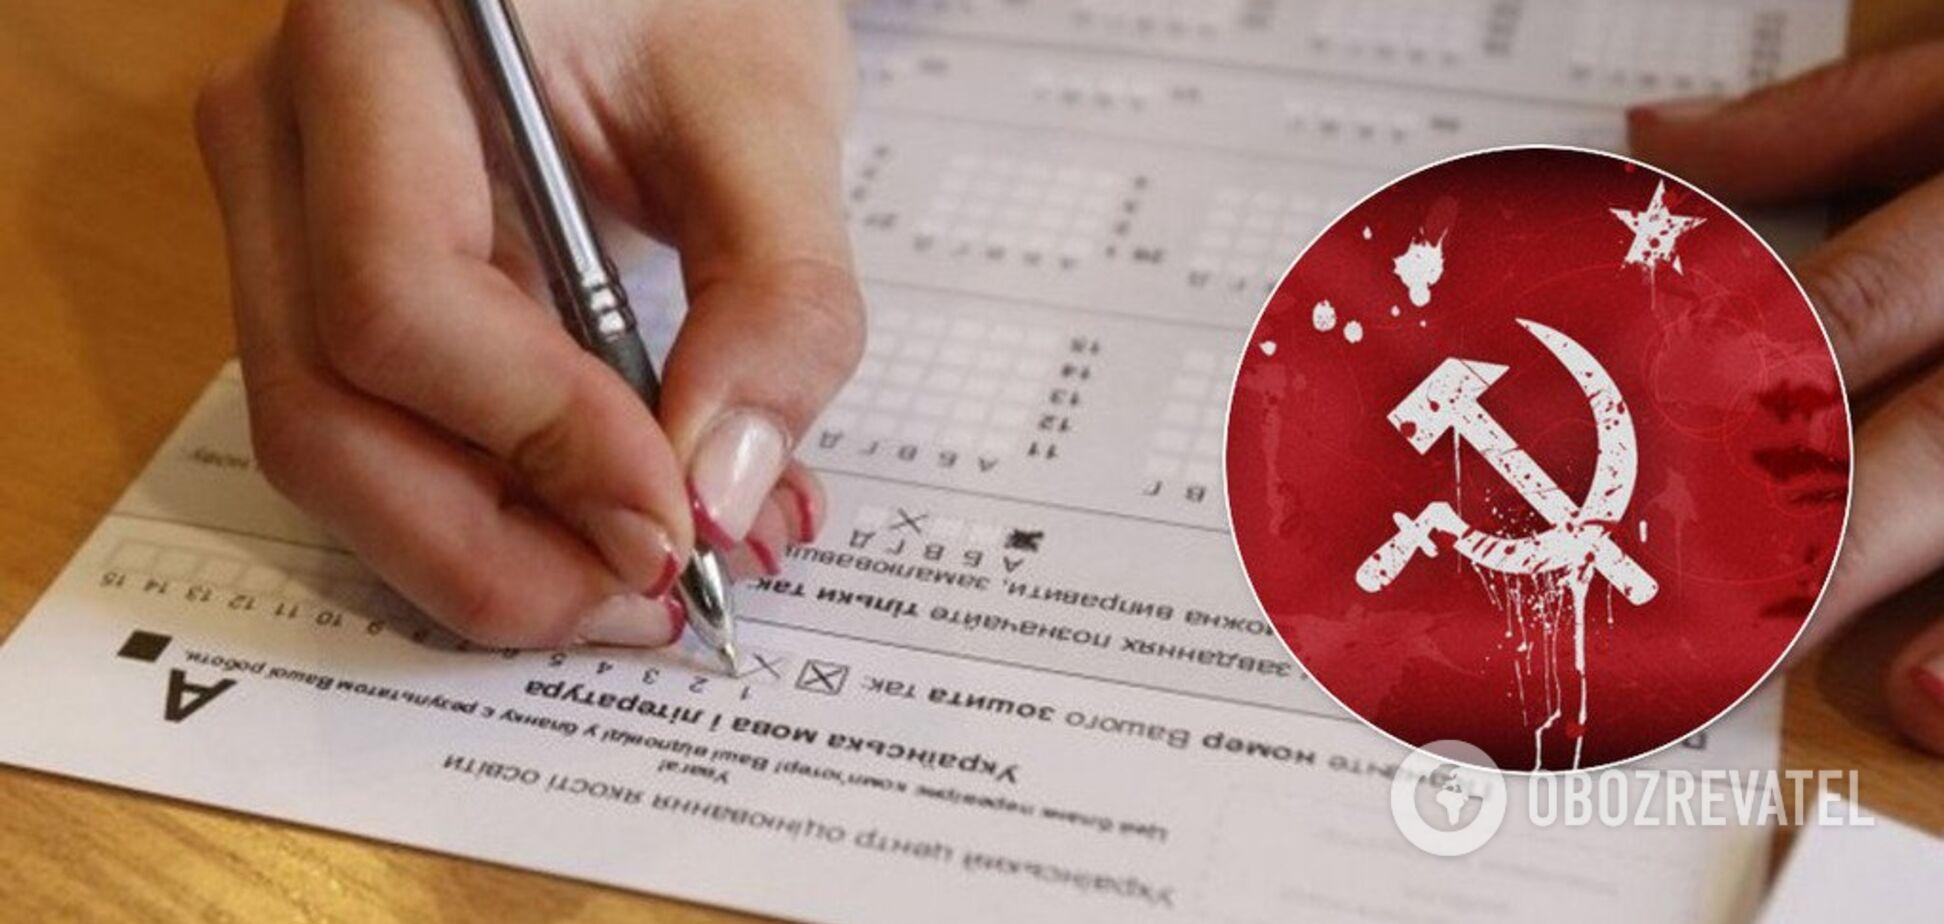 'Лучше не станет!' В Украине ВНО по математике назвали проявлением коммунизма